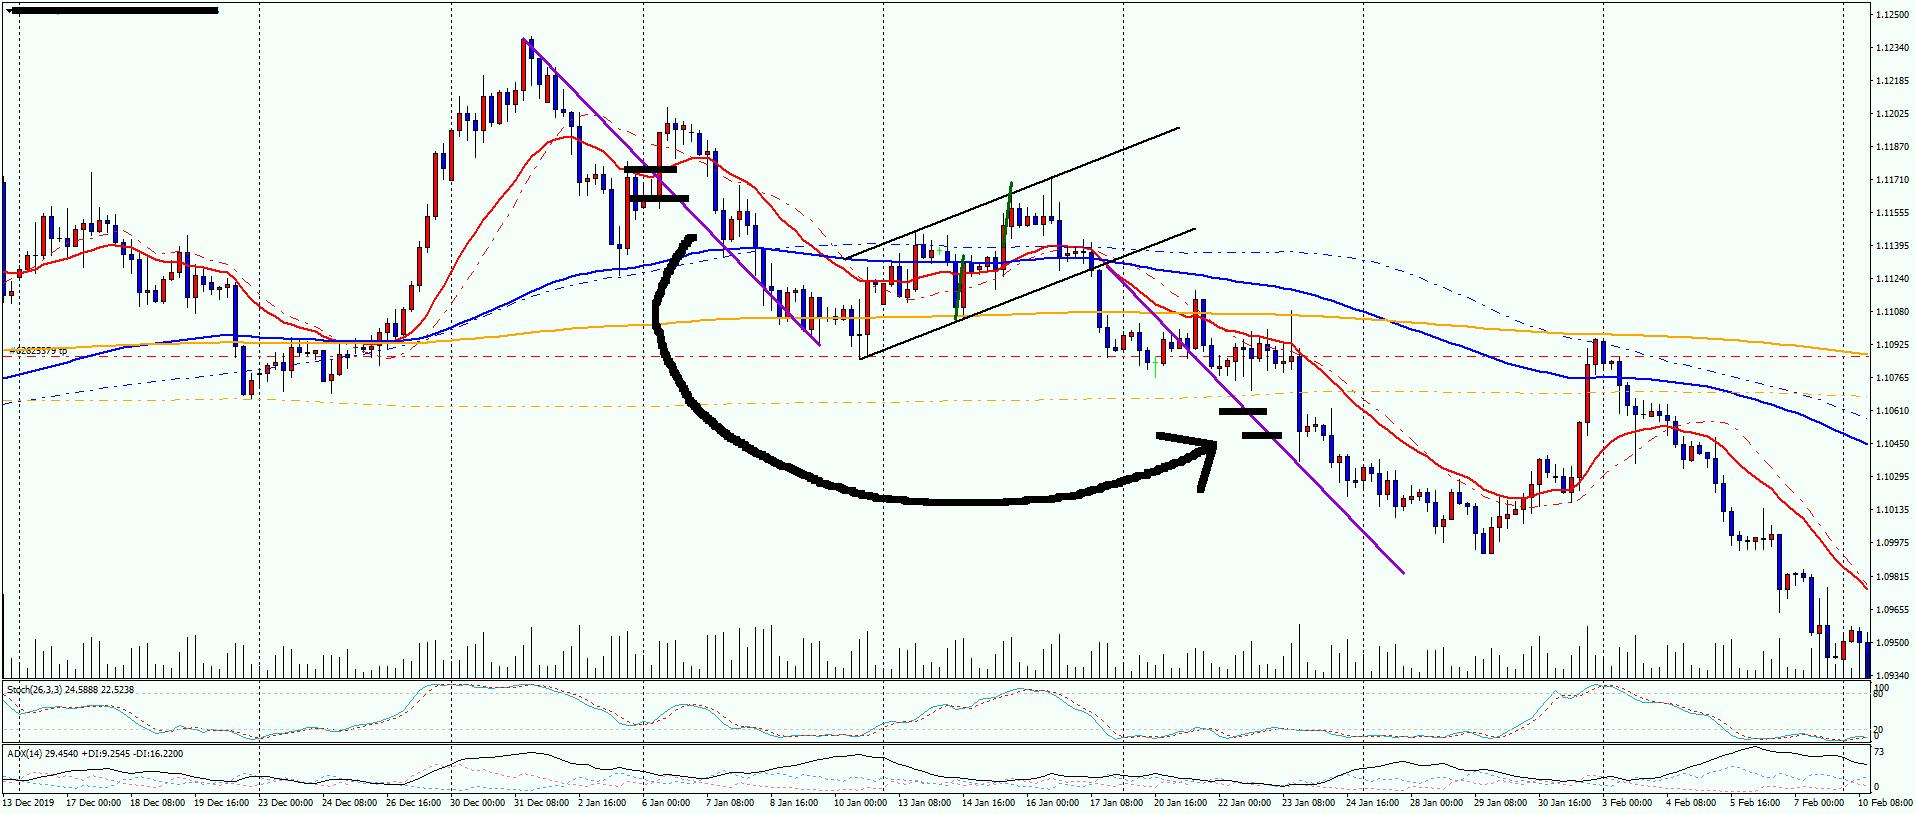 eur-usd-4h-price-range-observation